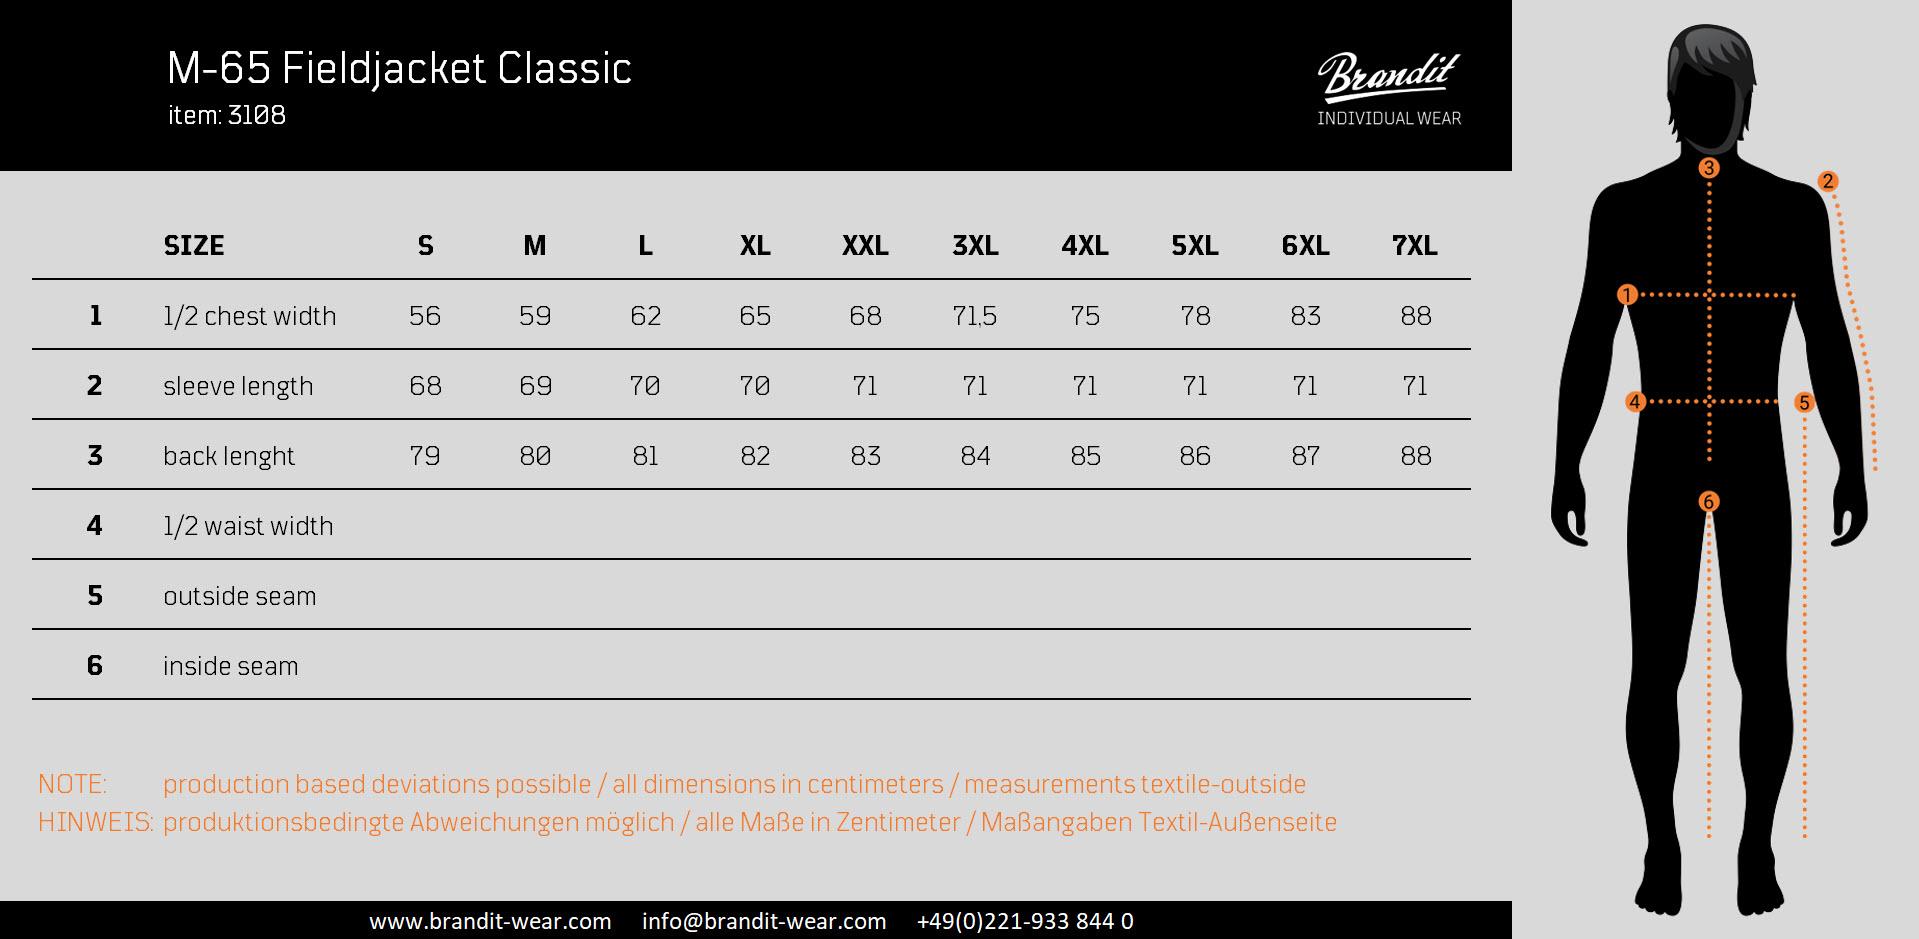 3108-M65-Fieldjacket-Classic